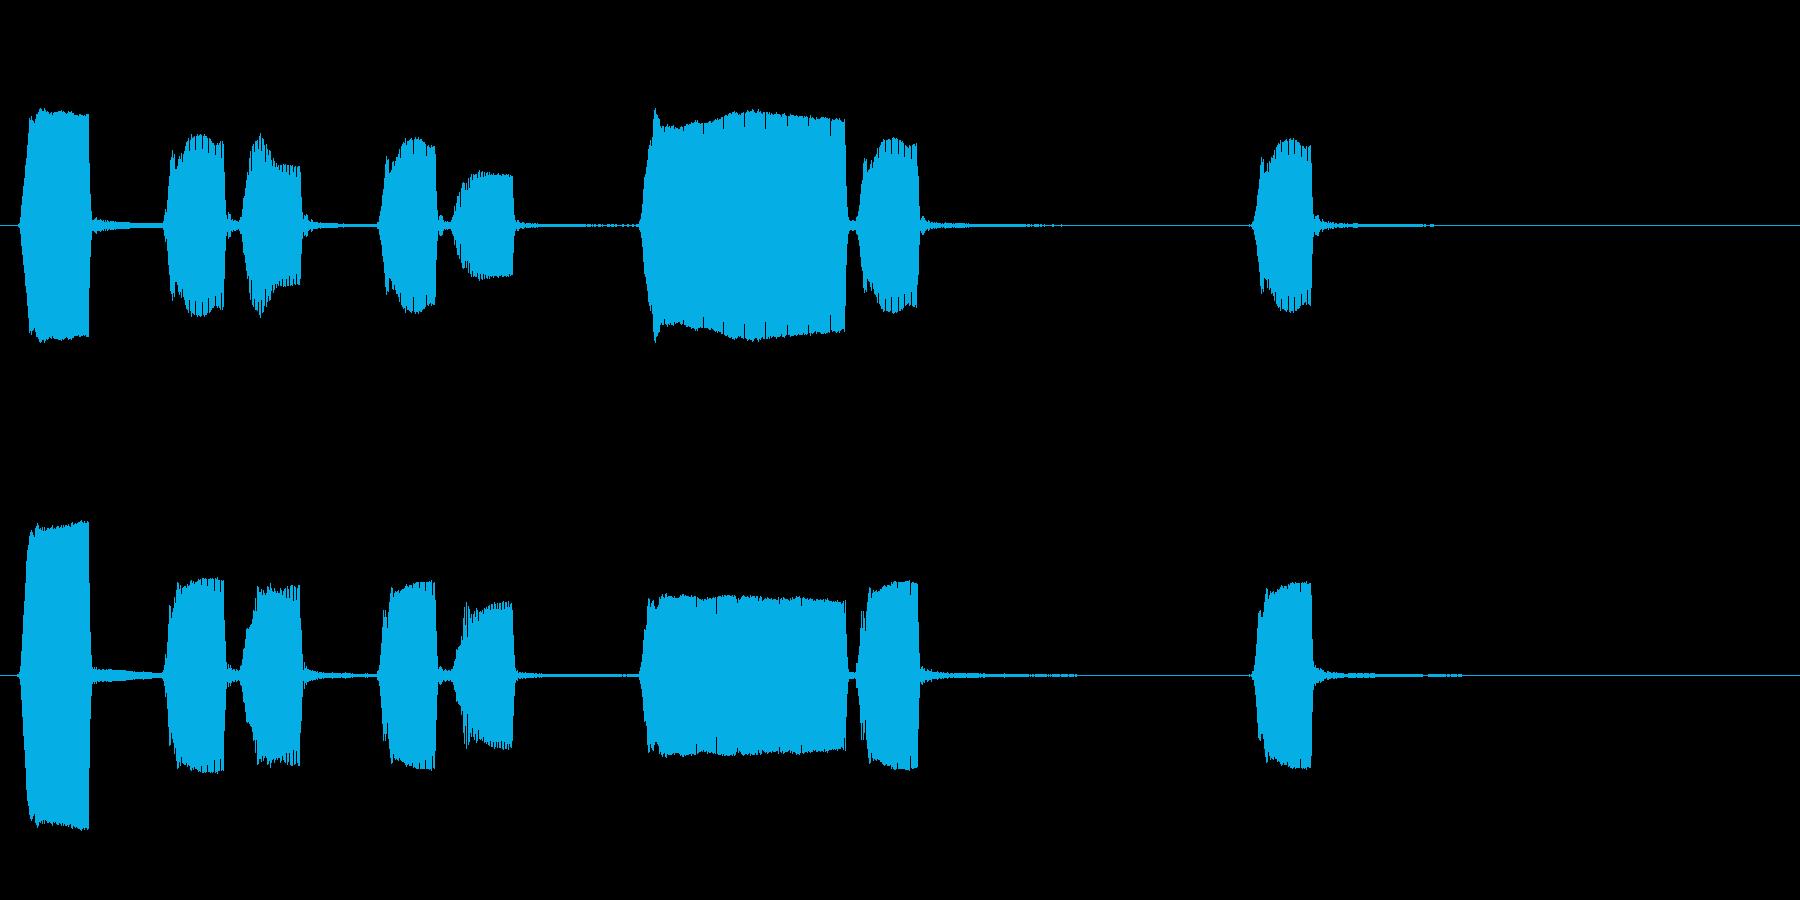 ジングル 鍵盤ハーモニカ 学校 ほのぼのの再生済みの波形